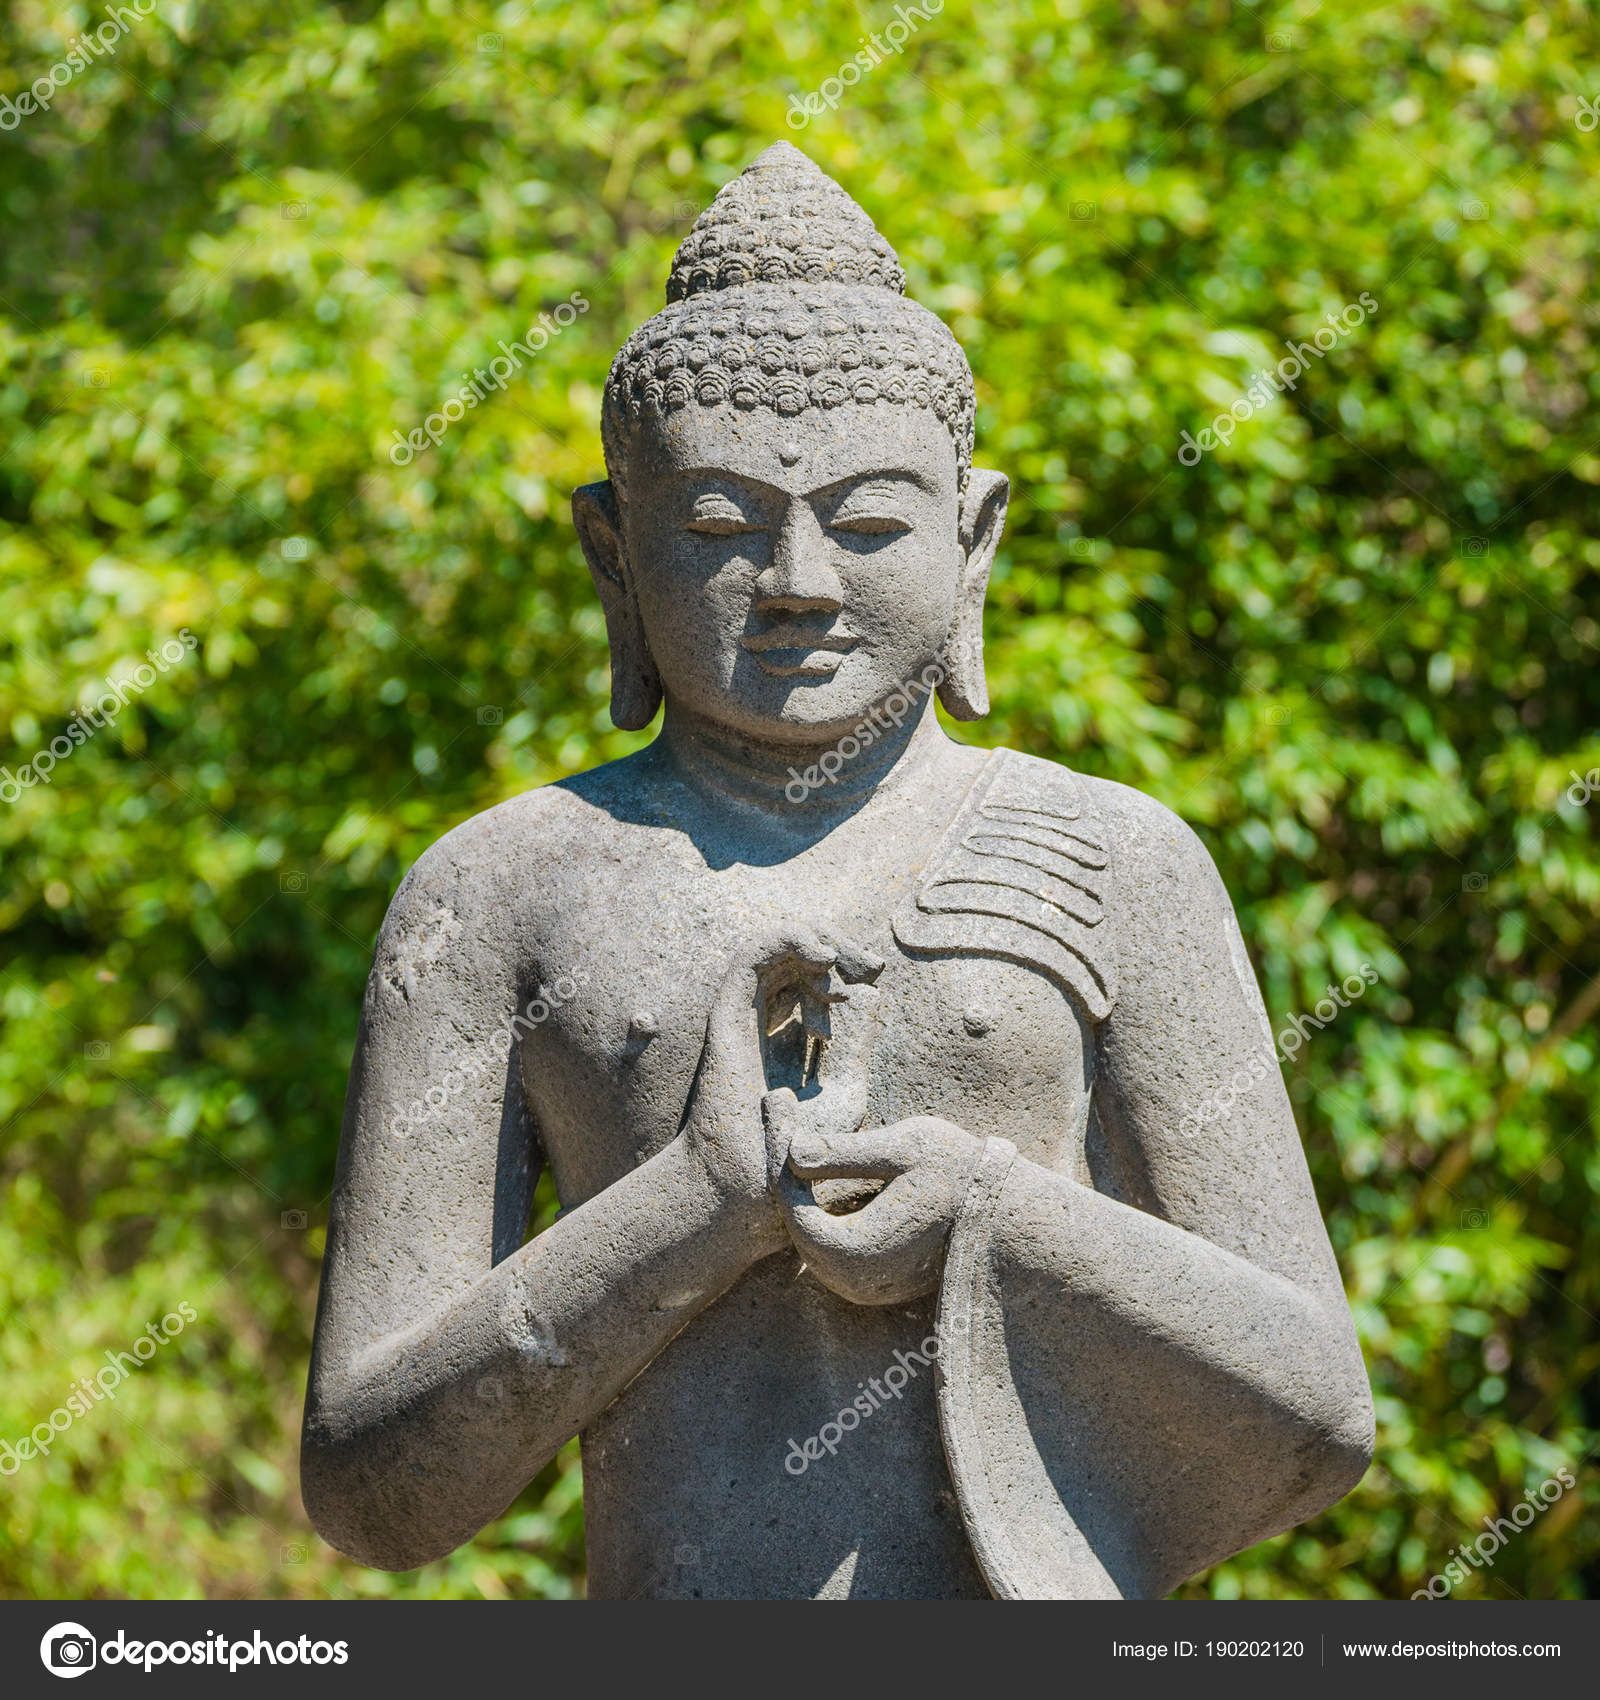 Denkmal Des Buddha Betet Im Garten Stockfoto C Neurobite 190202120